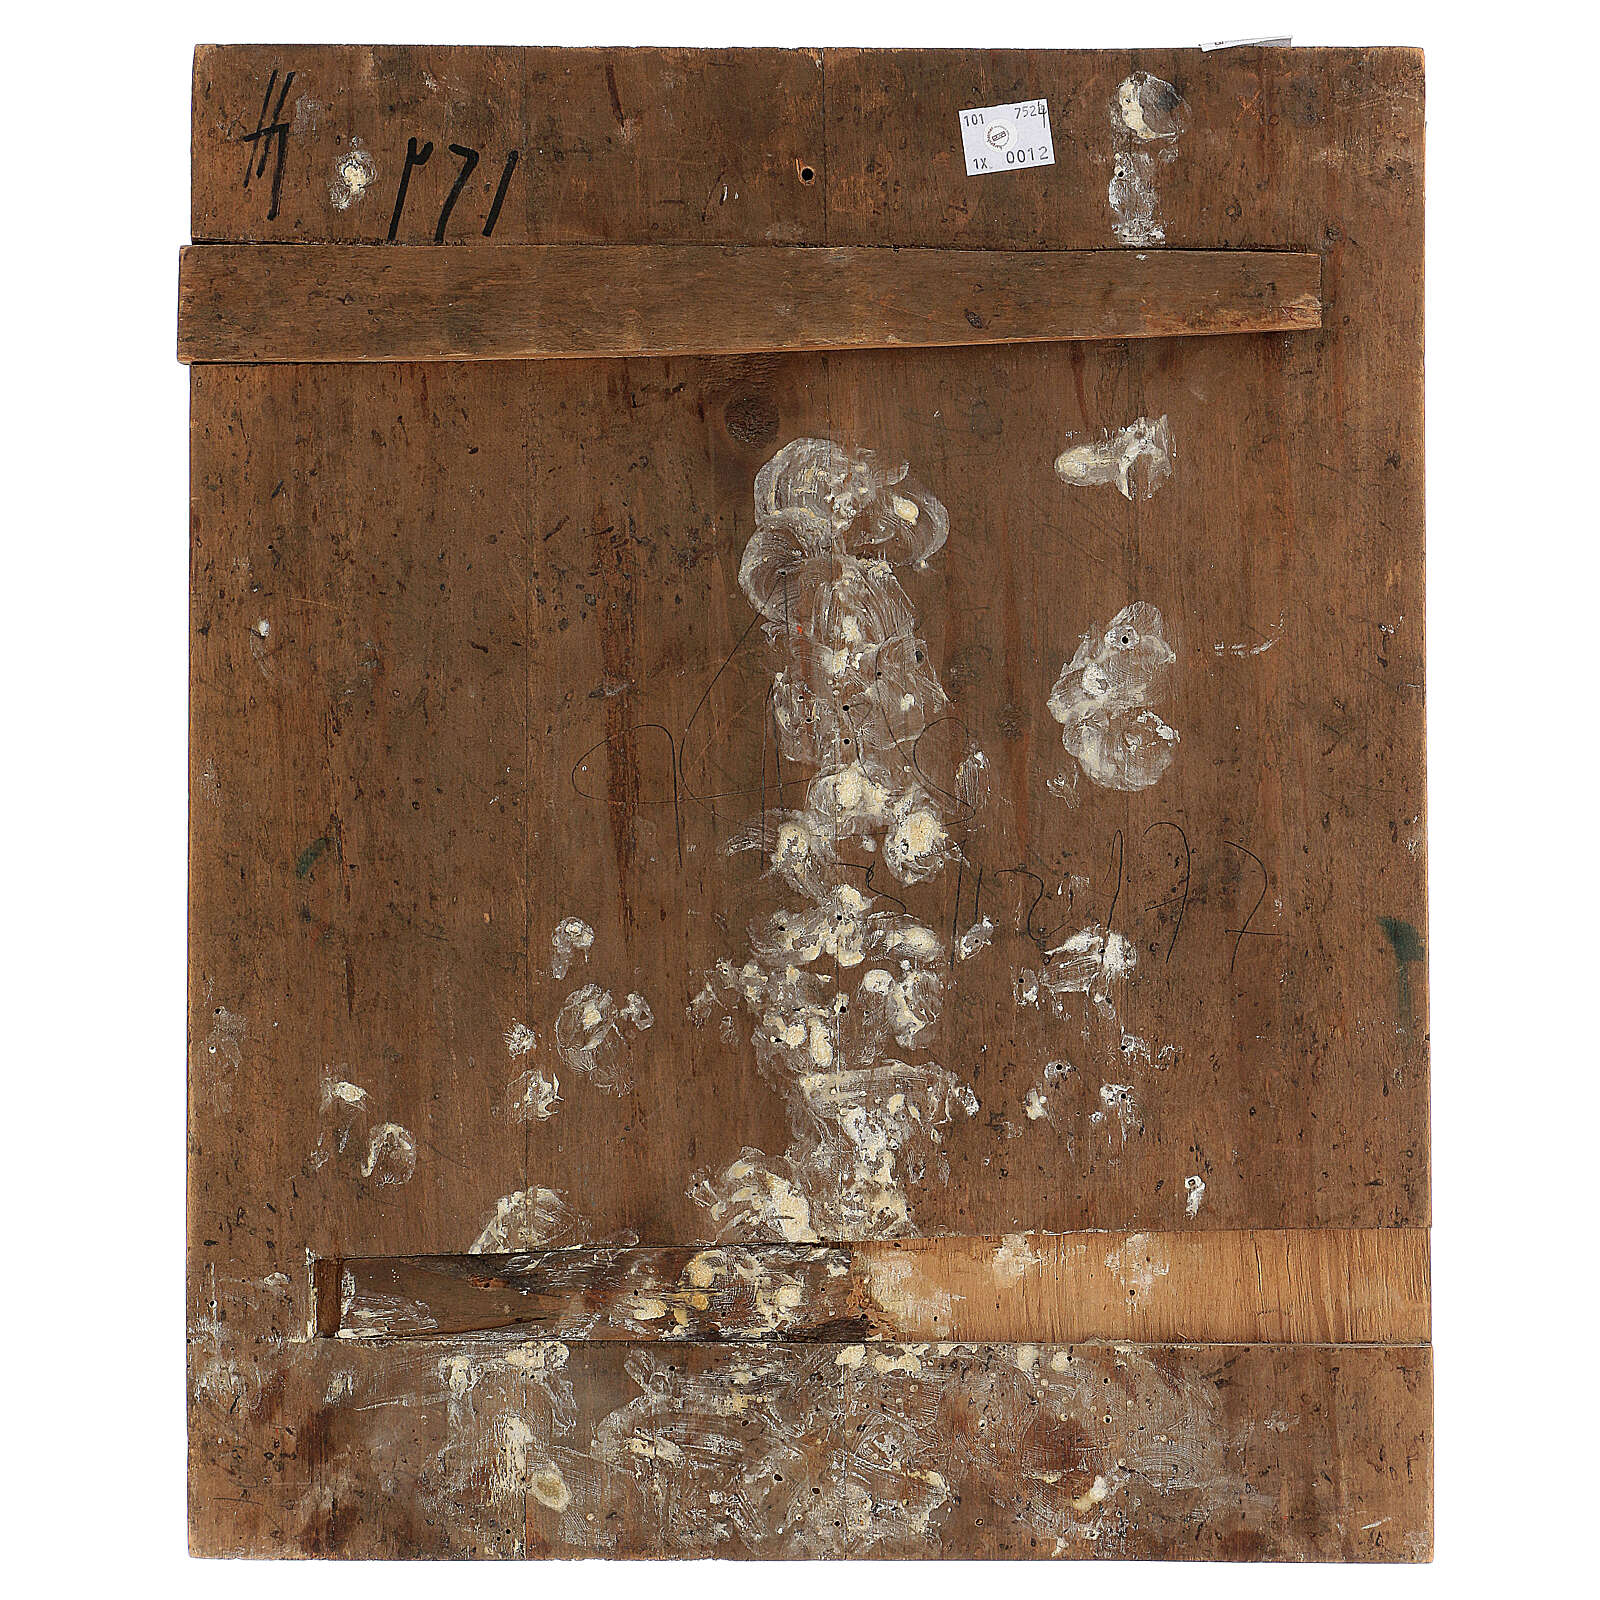 Stauroteca icona antica Russia legno metallo XIX sec 40x30 cm 4